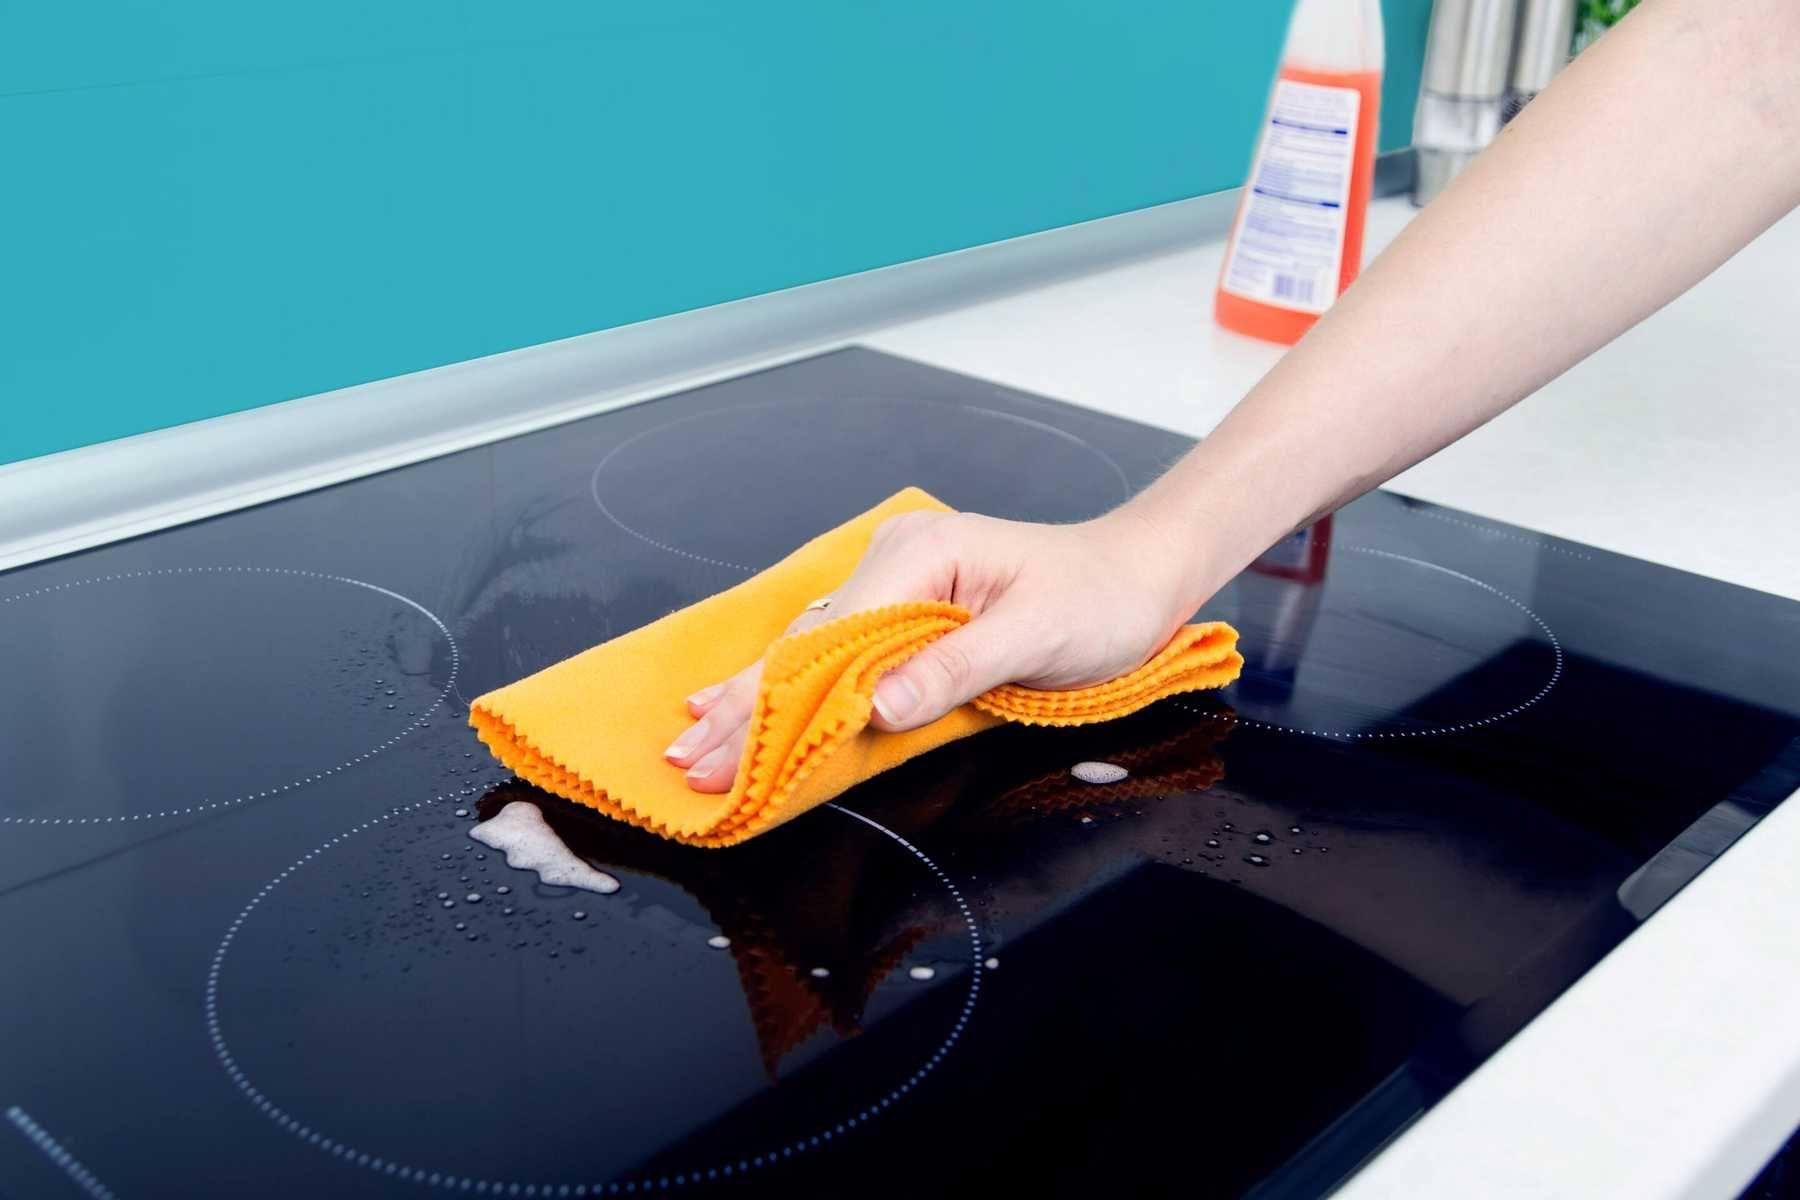 3 Cách vệ sinh bếp từ bị cháy vô cùng hiệu quả